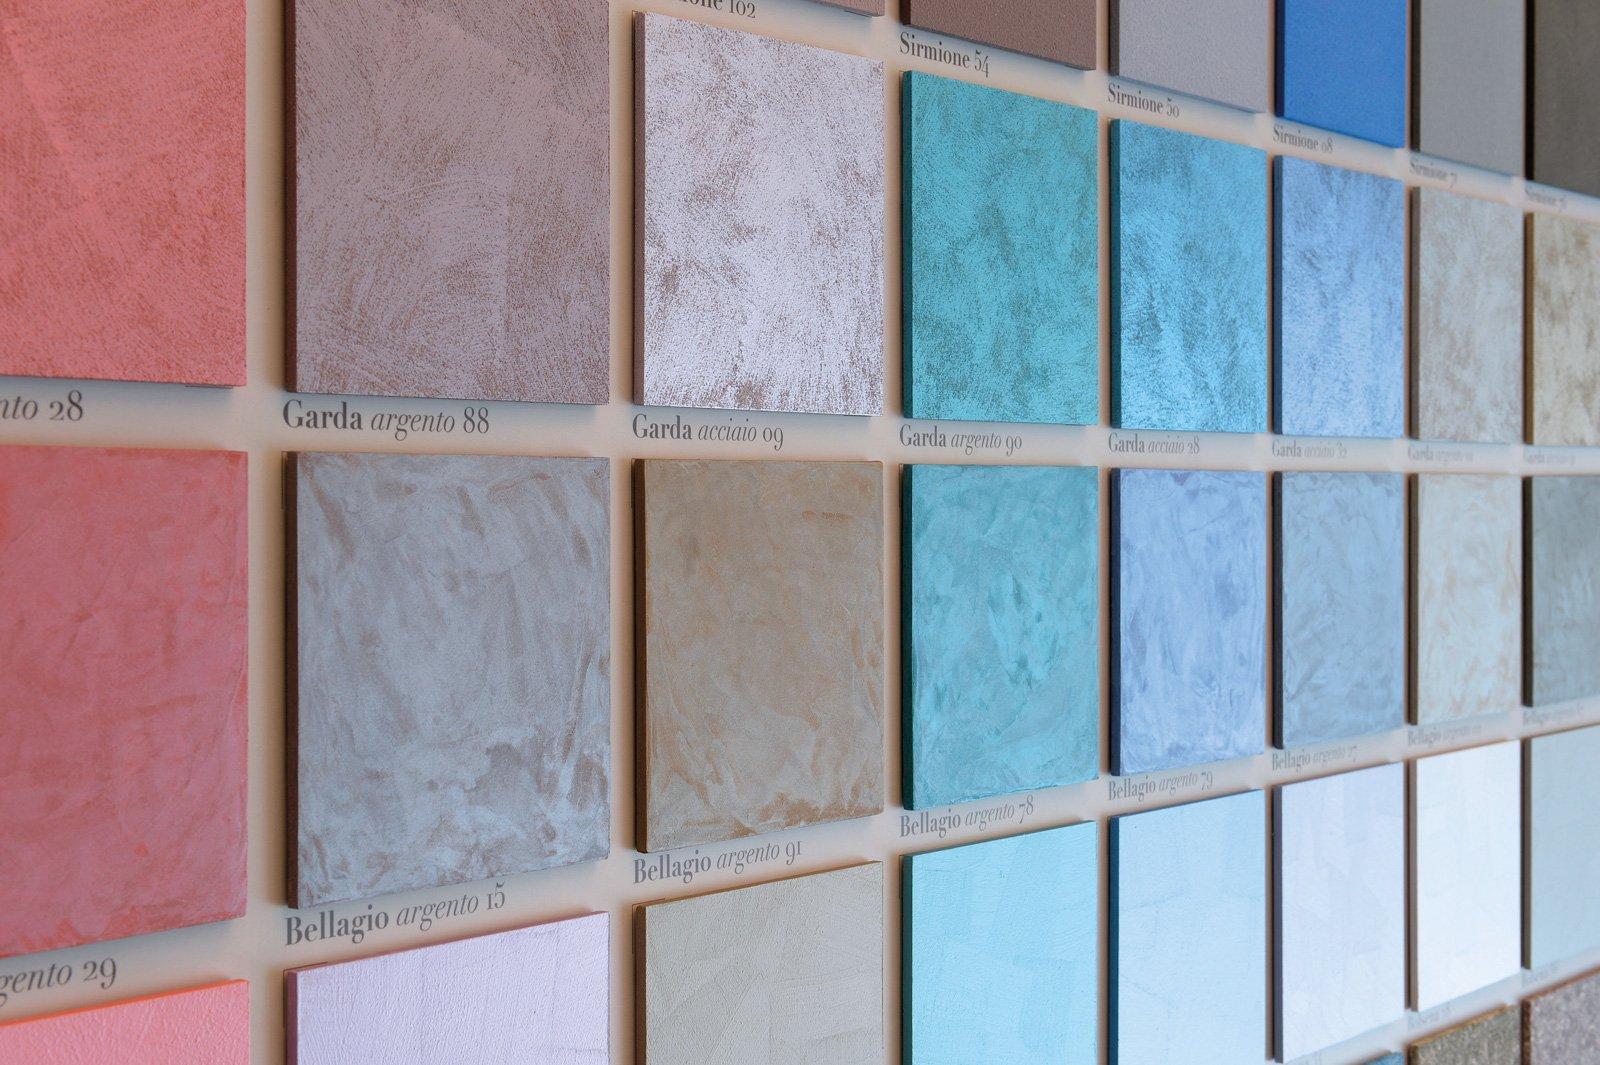 Dipingere le pareti con effetti decorativi: un video ti spiega come